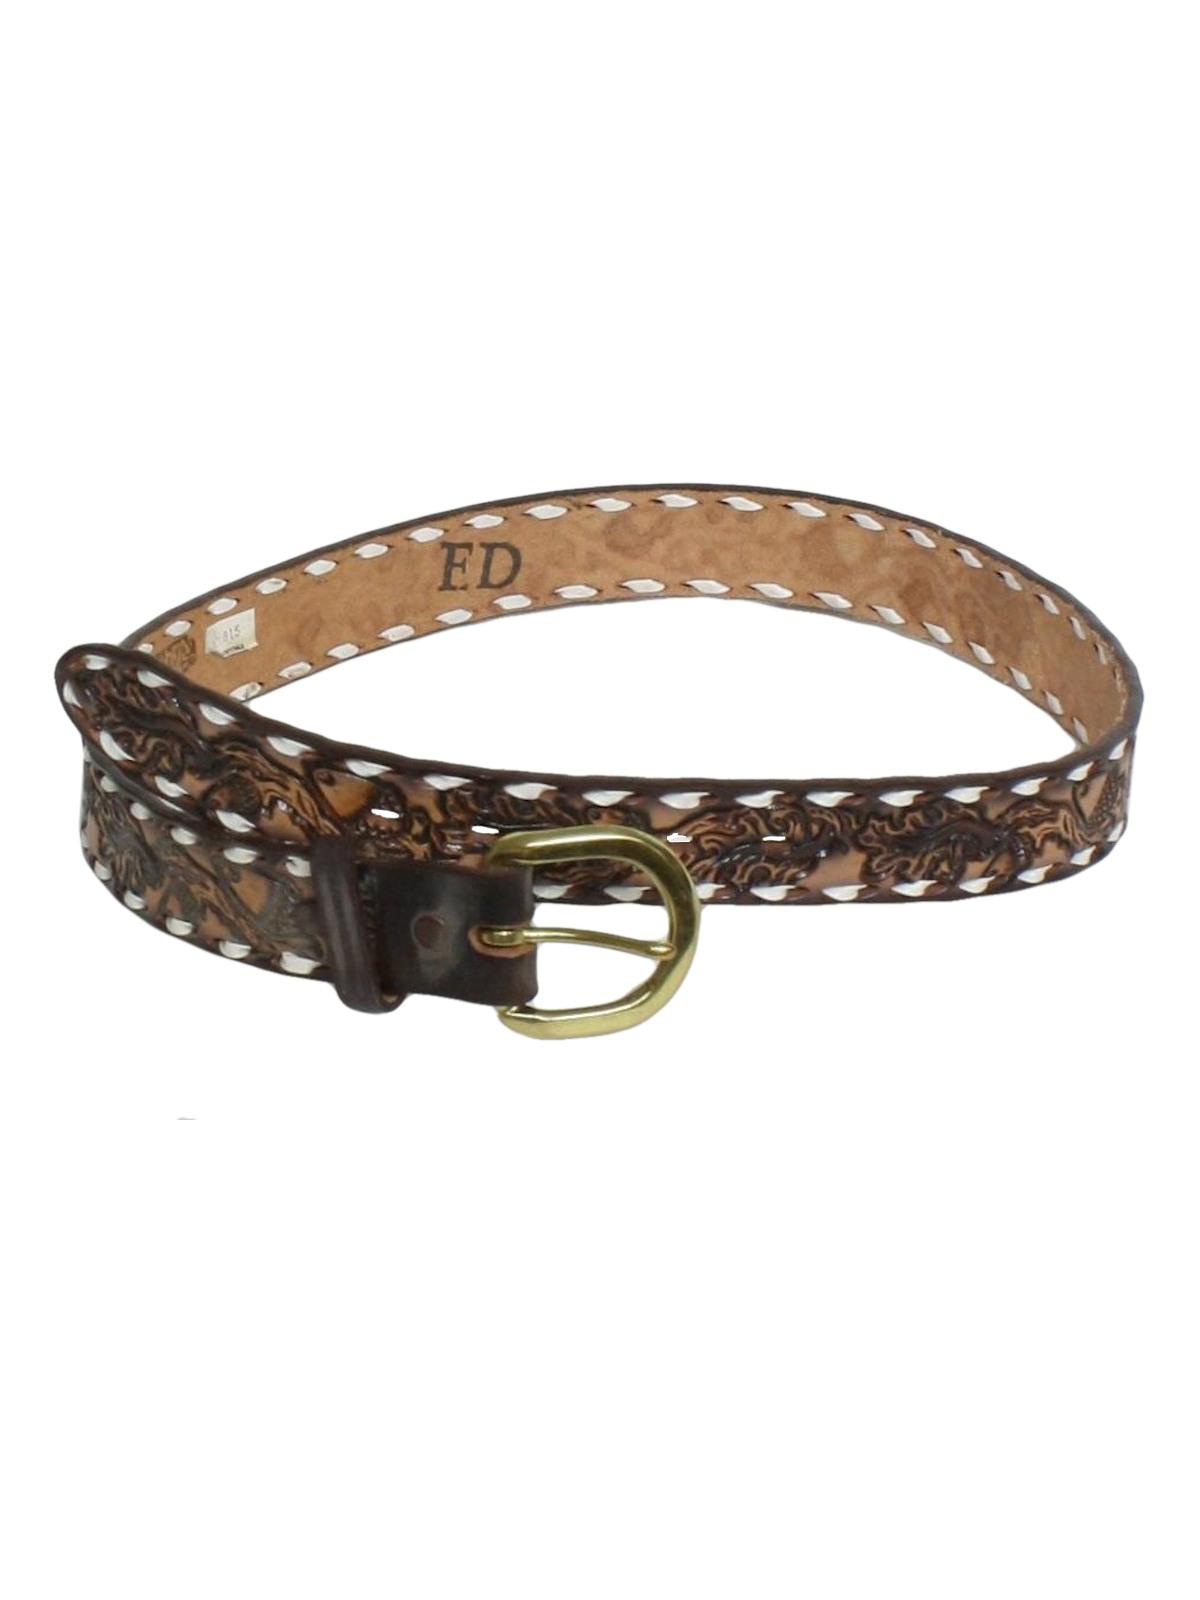 Vintage Belt Buckles Men 7d1eb67bd9f3